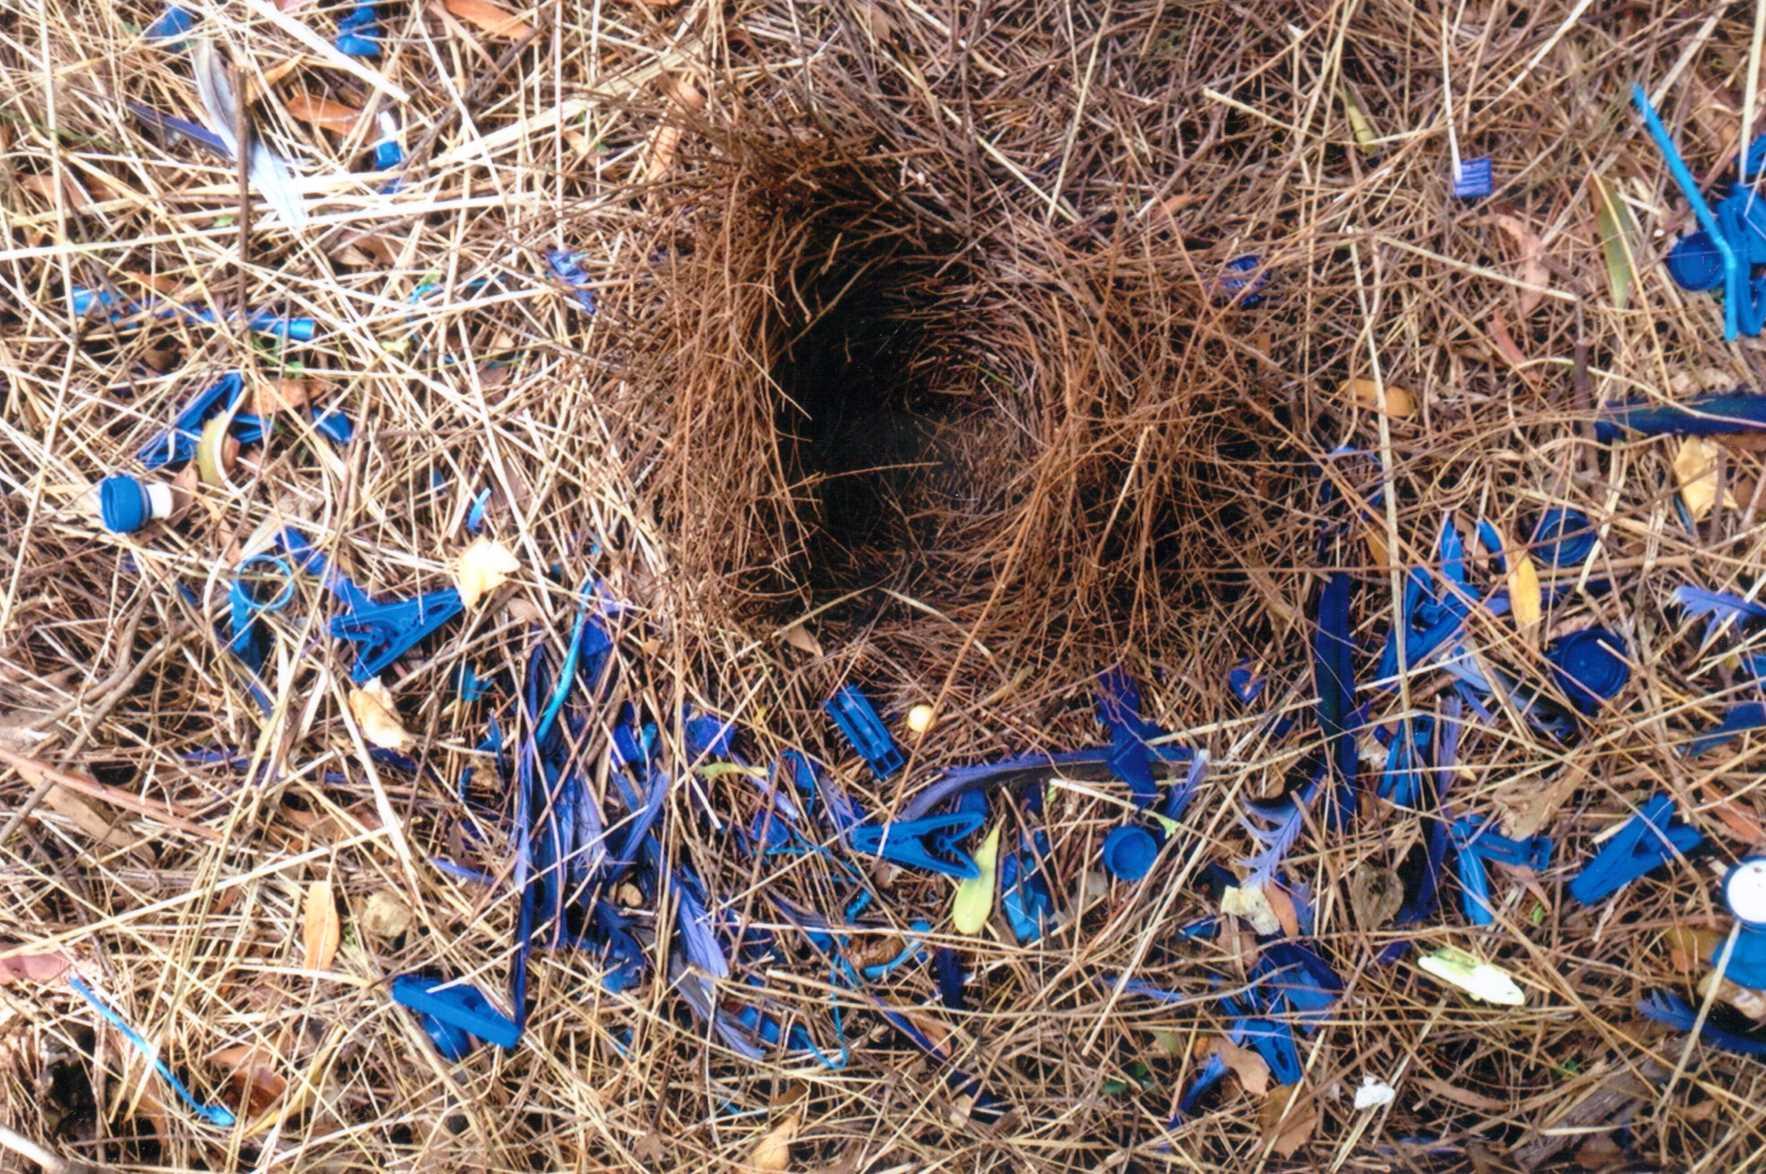 Bower bird's nest